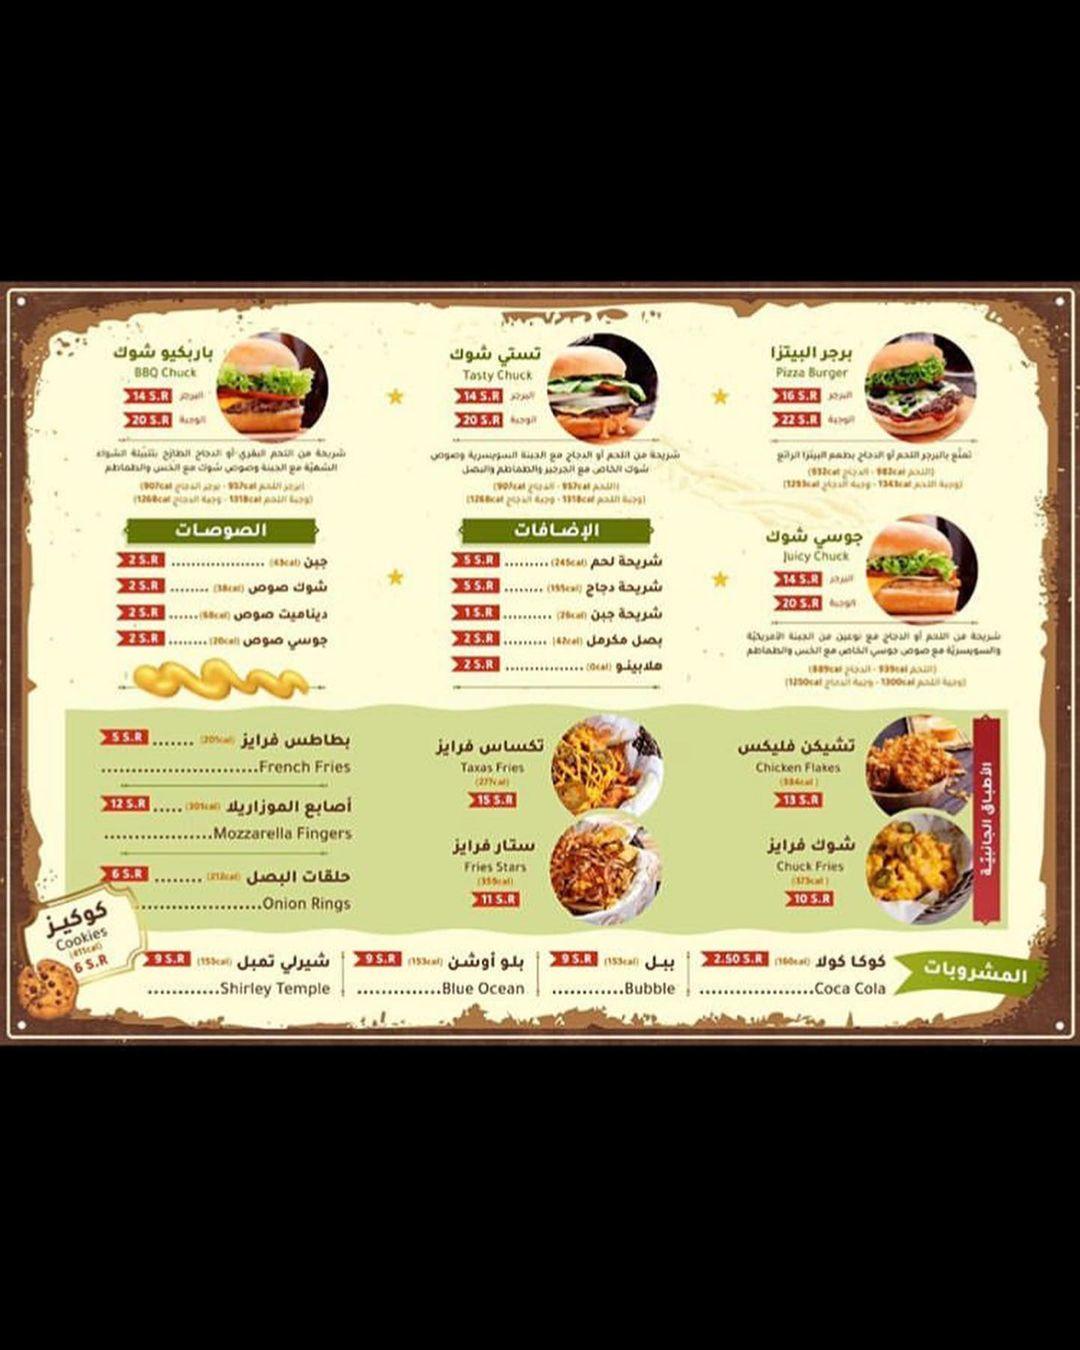 منيو مطعم شوك برجر الأسعار المنيو الموقع كافيهات و مطاعم السعودية